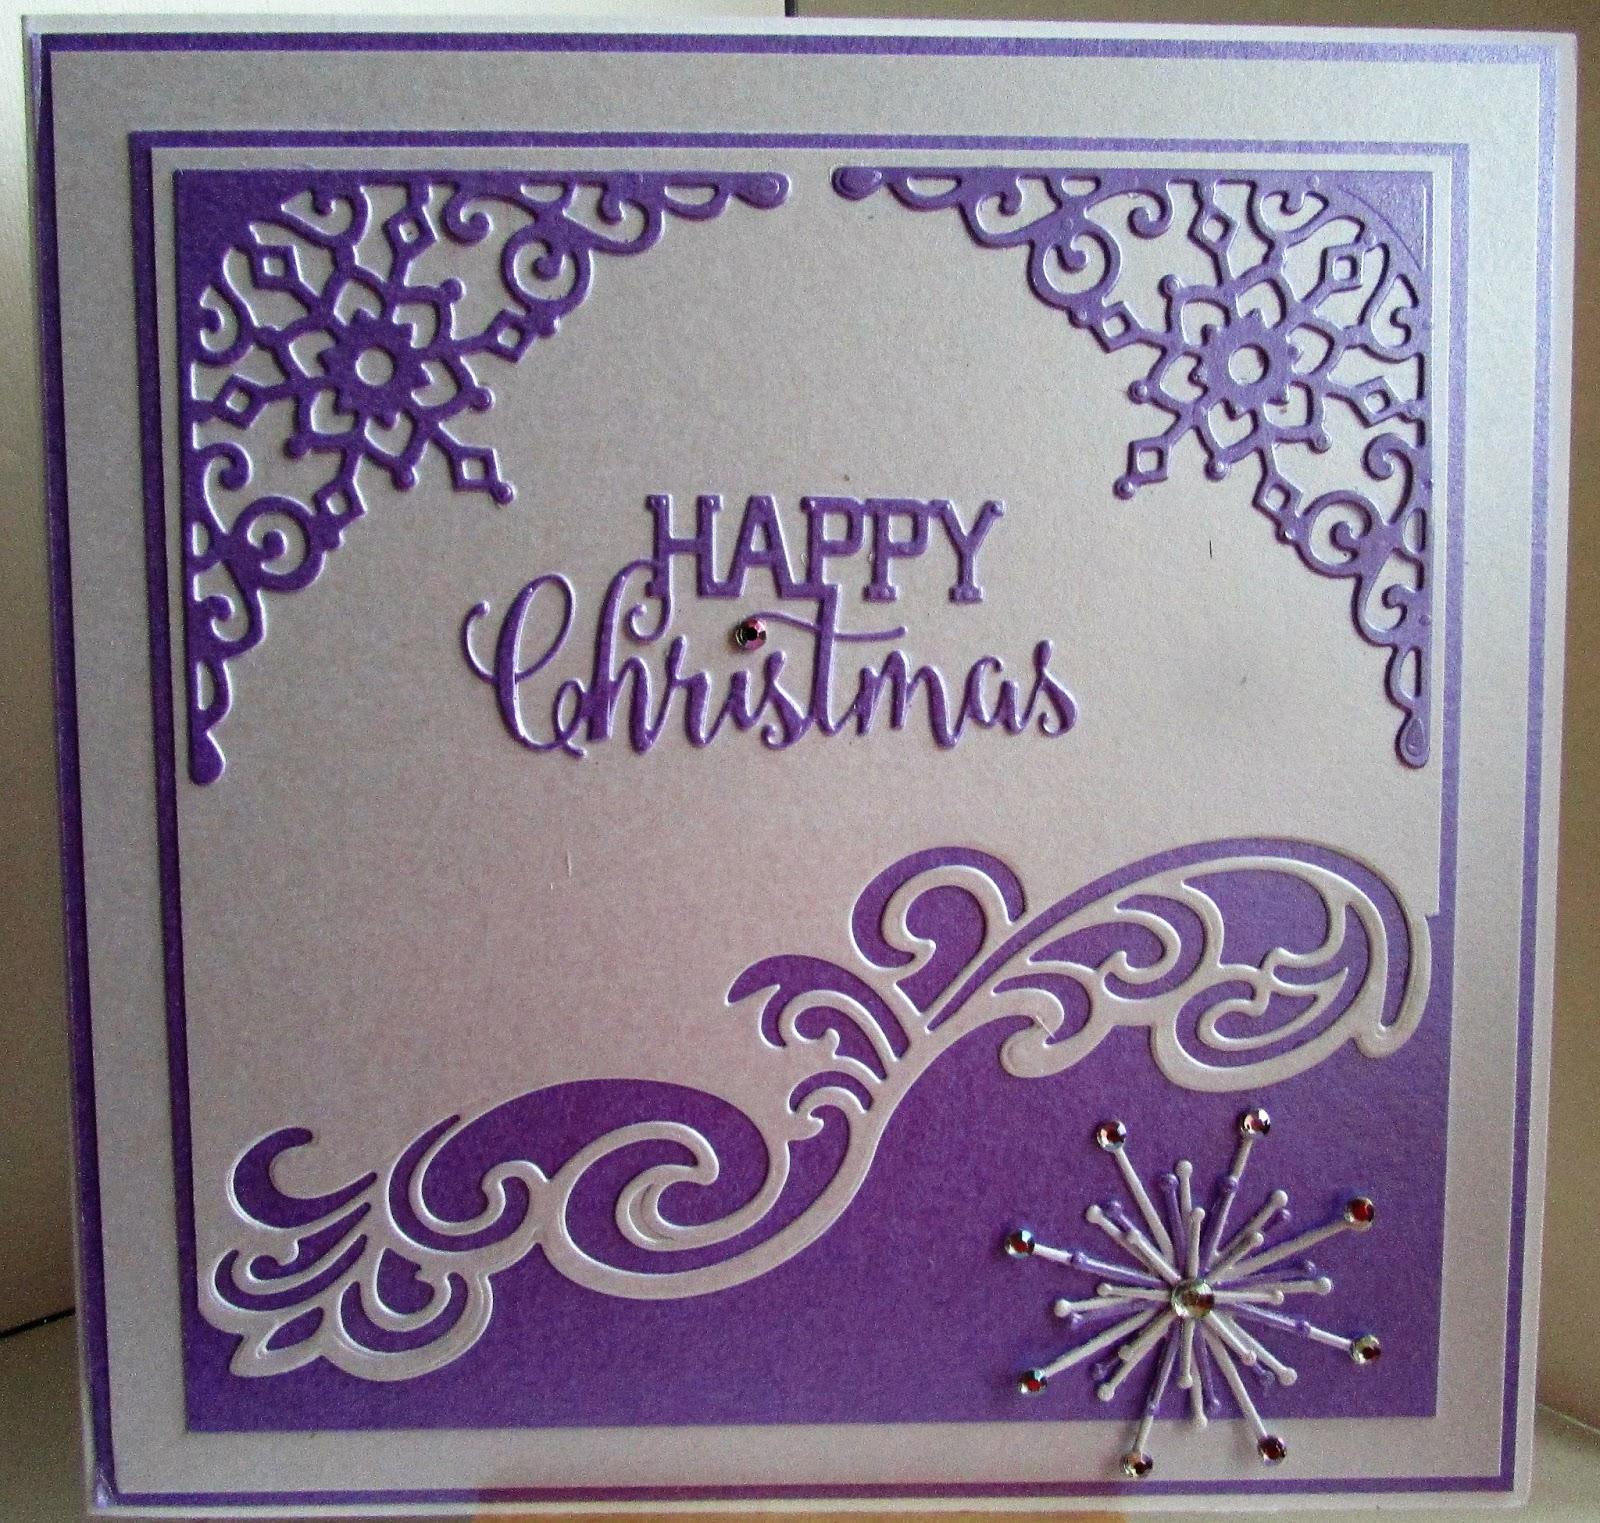 Lizzies craft space: Die cut christmas card - Purple